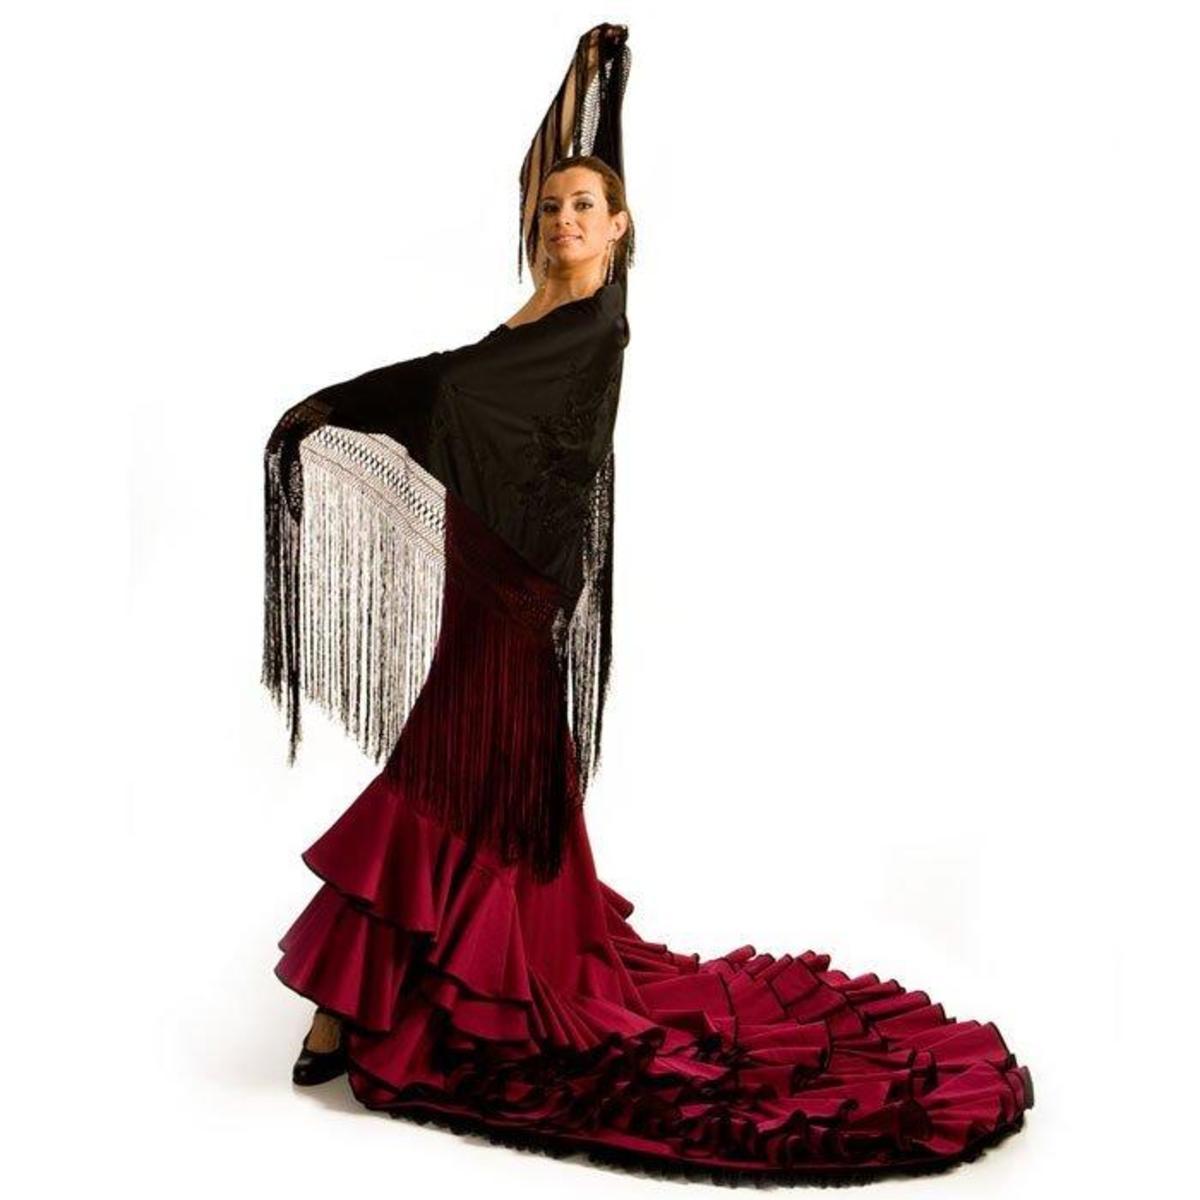 An off-the-peg bata de cola from Flamencista